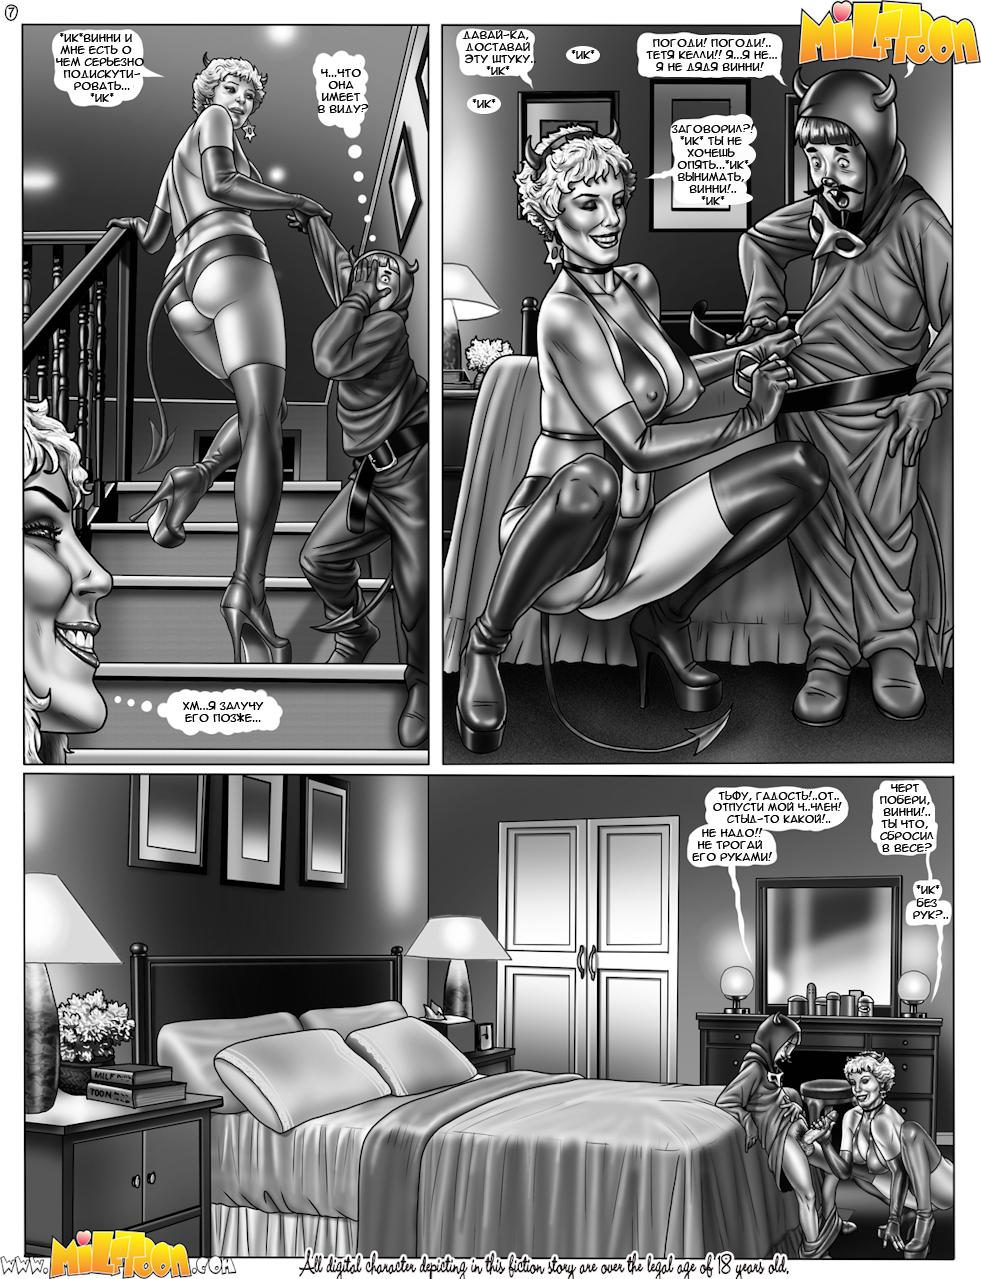 Порно комиксы чаяние или ад хэллоуин полная версия